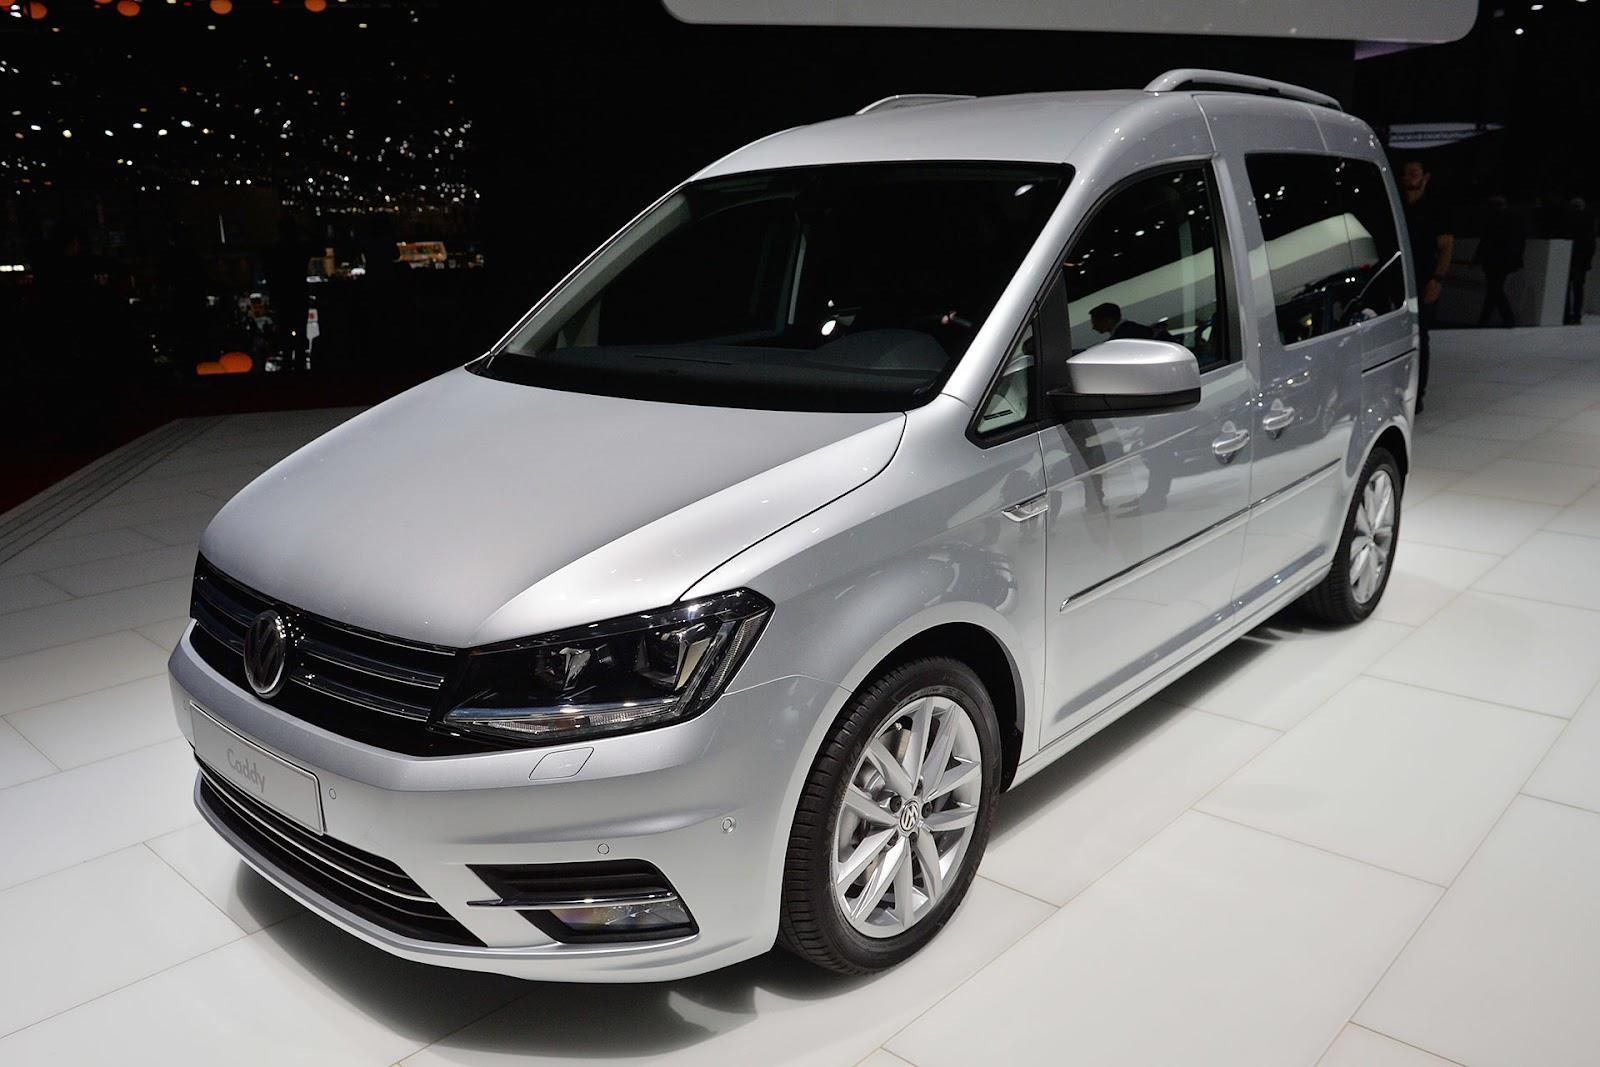 2015 VW Caddy ülkemizde satışa sunuldu - fiyat listesi ...